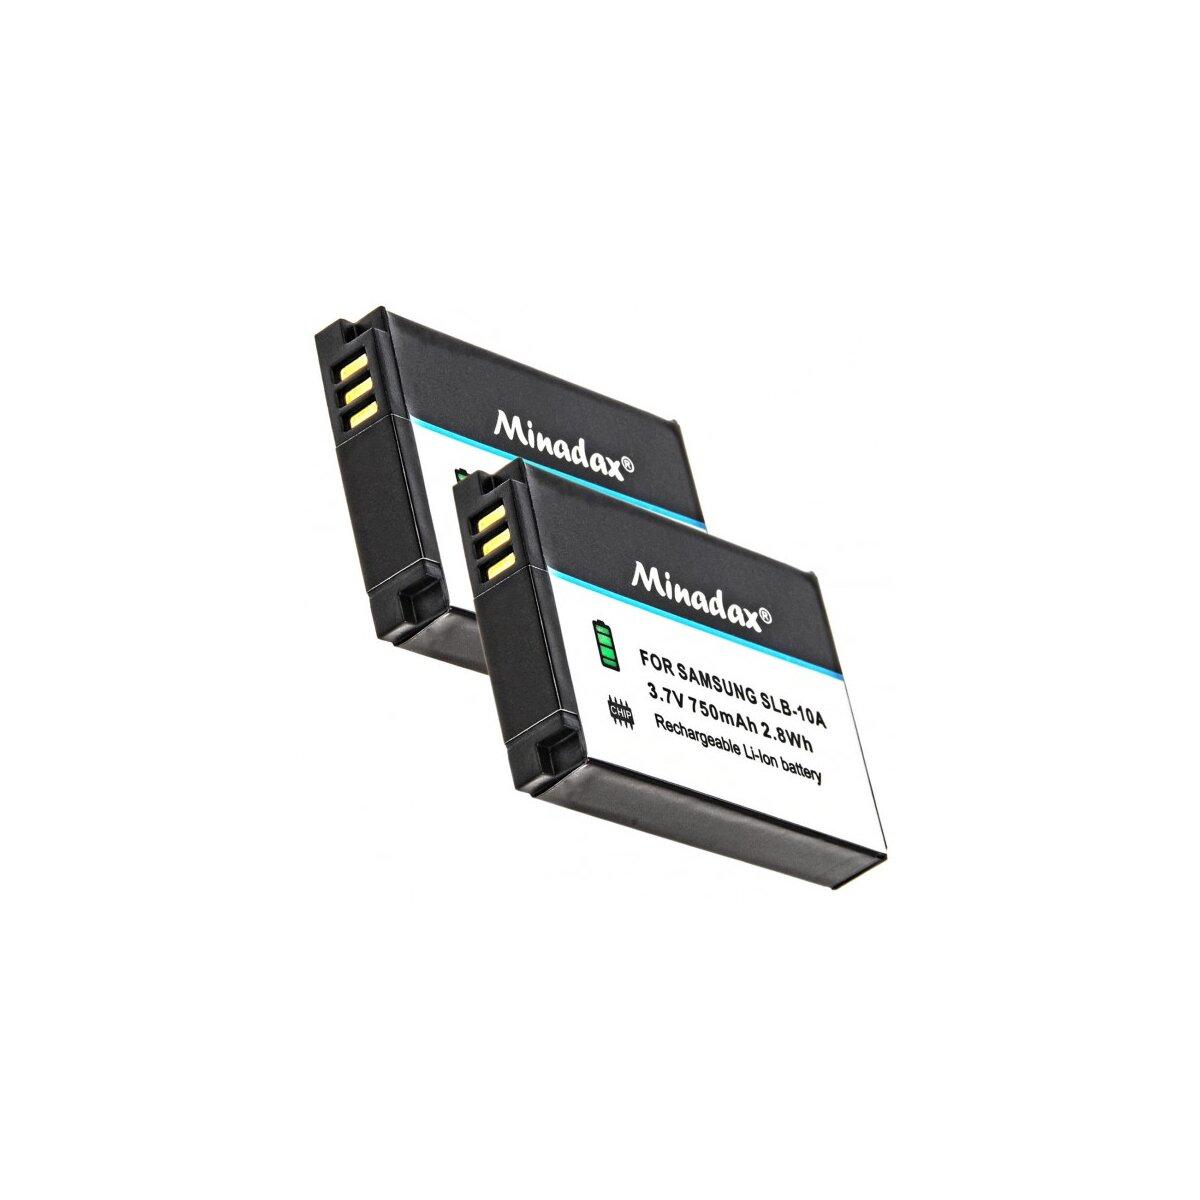 2x Minadax® Qualitaetsakku mit echten 750 mAh fuer Samsung EX2F, WB2100, WB250, WB252; SMART Camera WB150, WB200, WB202, WB250, WB252, WB800, wie SLB-10A - Intelligentes Akkusystem mit Chip